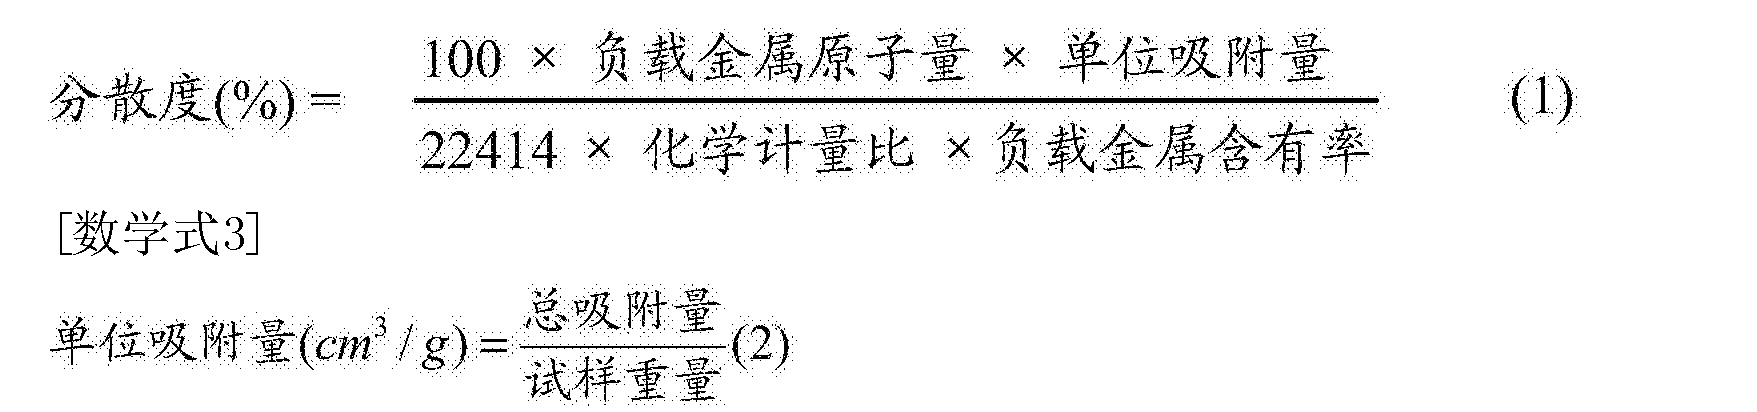 Figure CN104353457BD00161